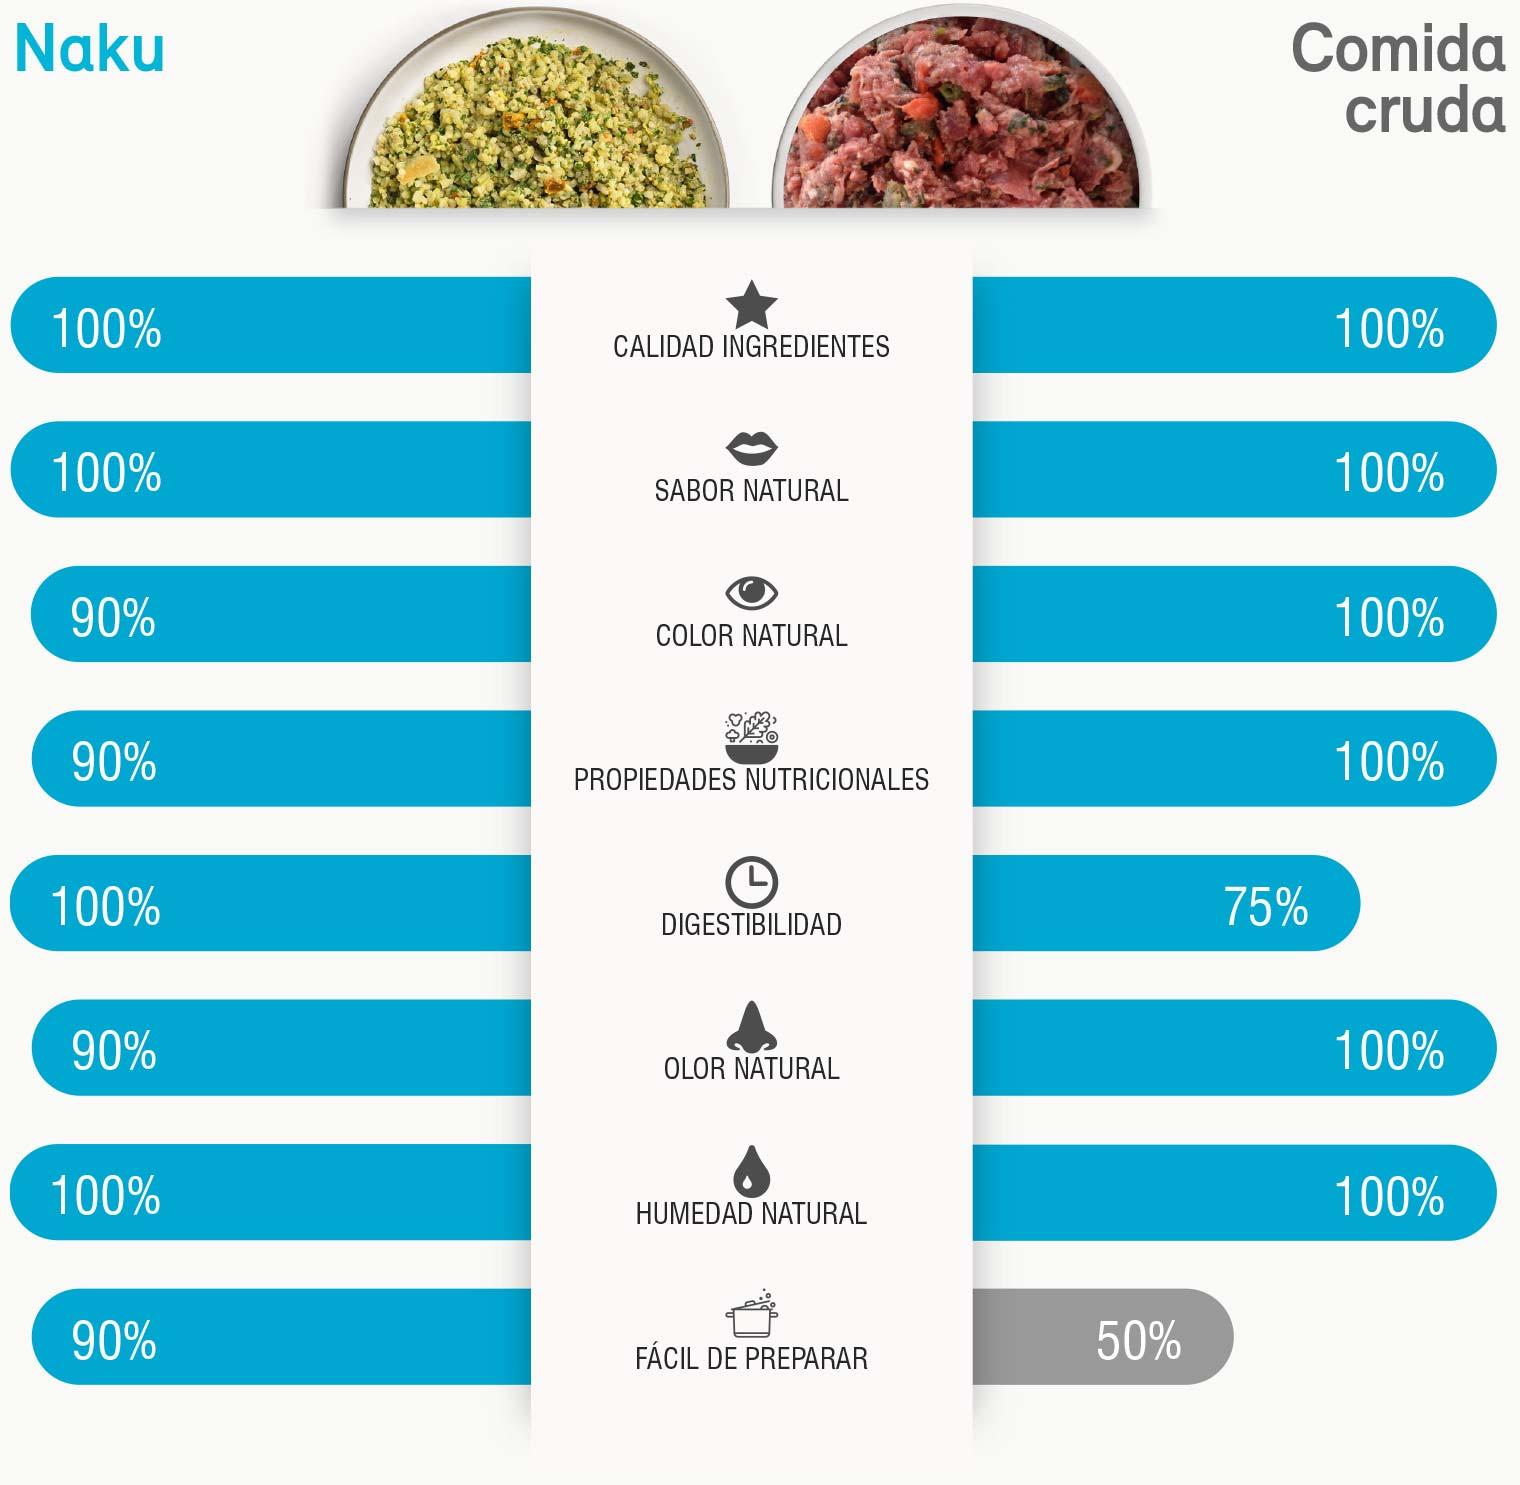 Naku VS Comida cruda